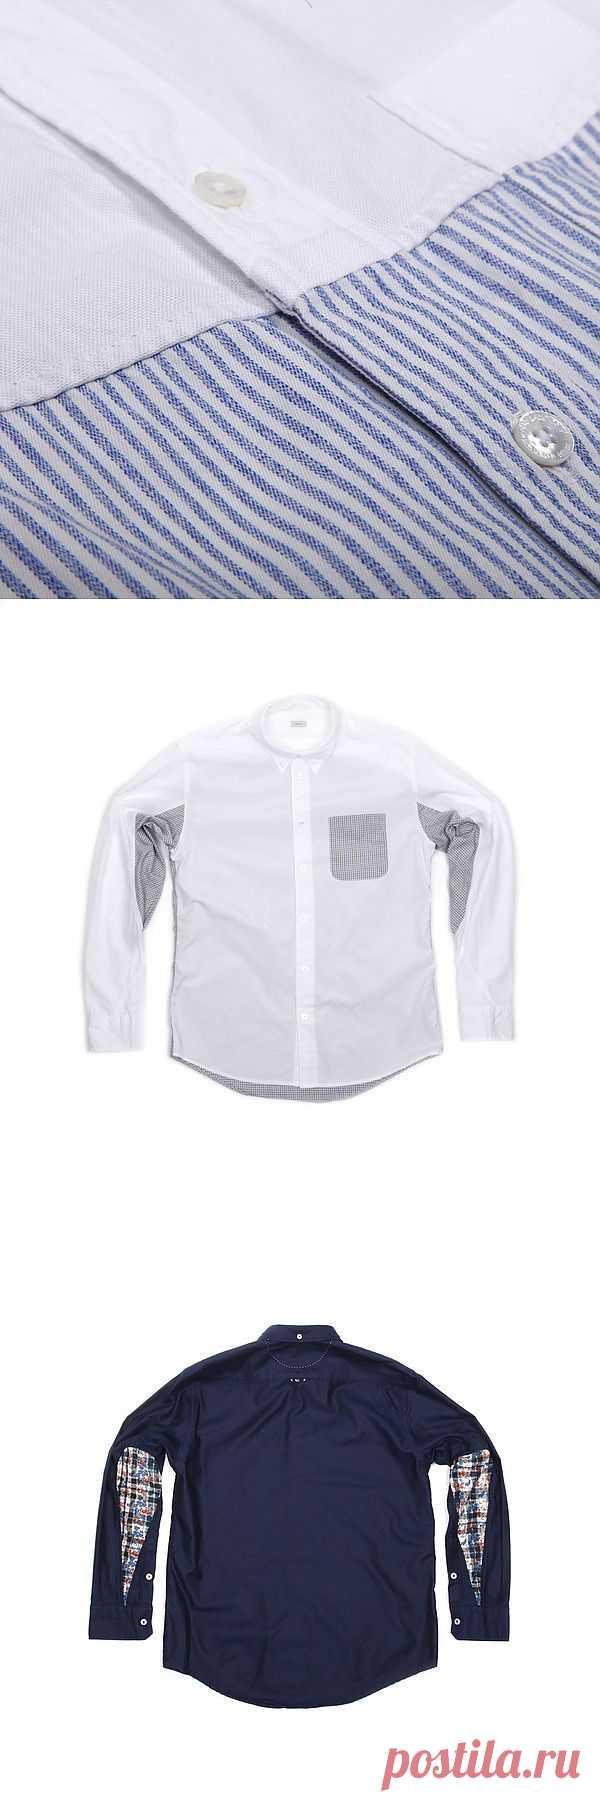 4 интересные рубашки на 2000$ / Мужская мода / Модный сайт о стильной переделке одежды и интерьера